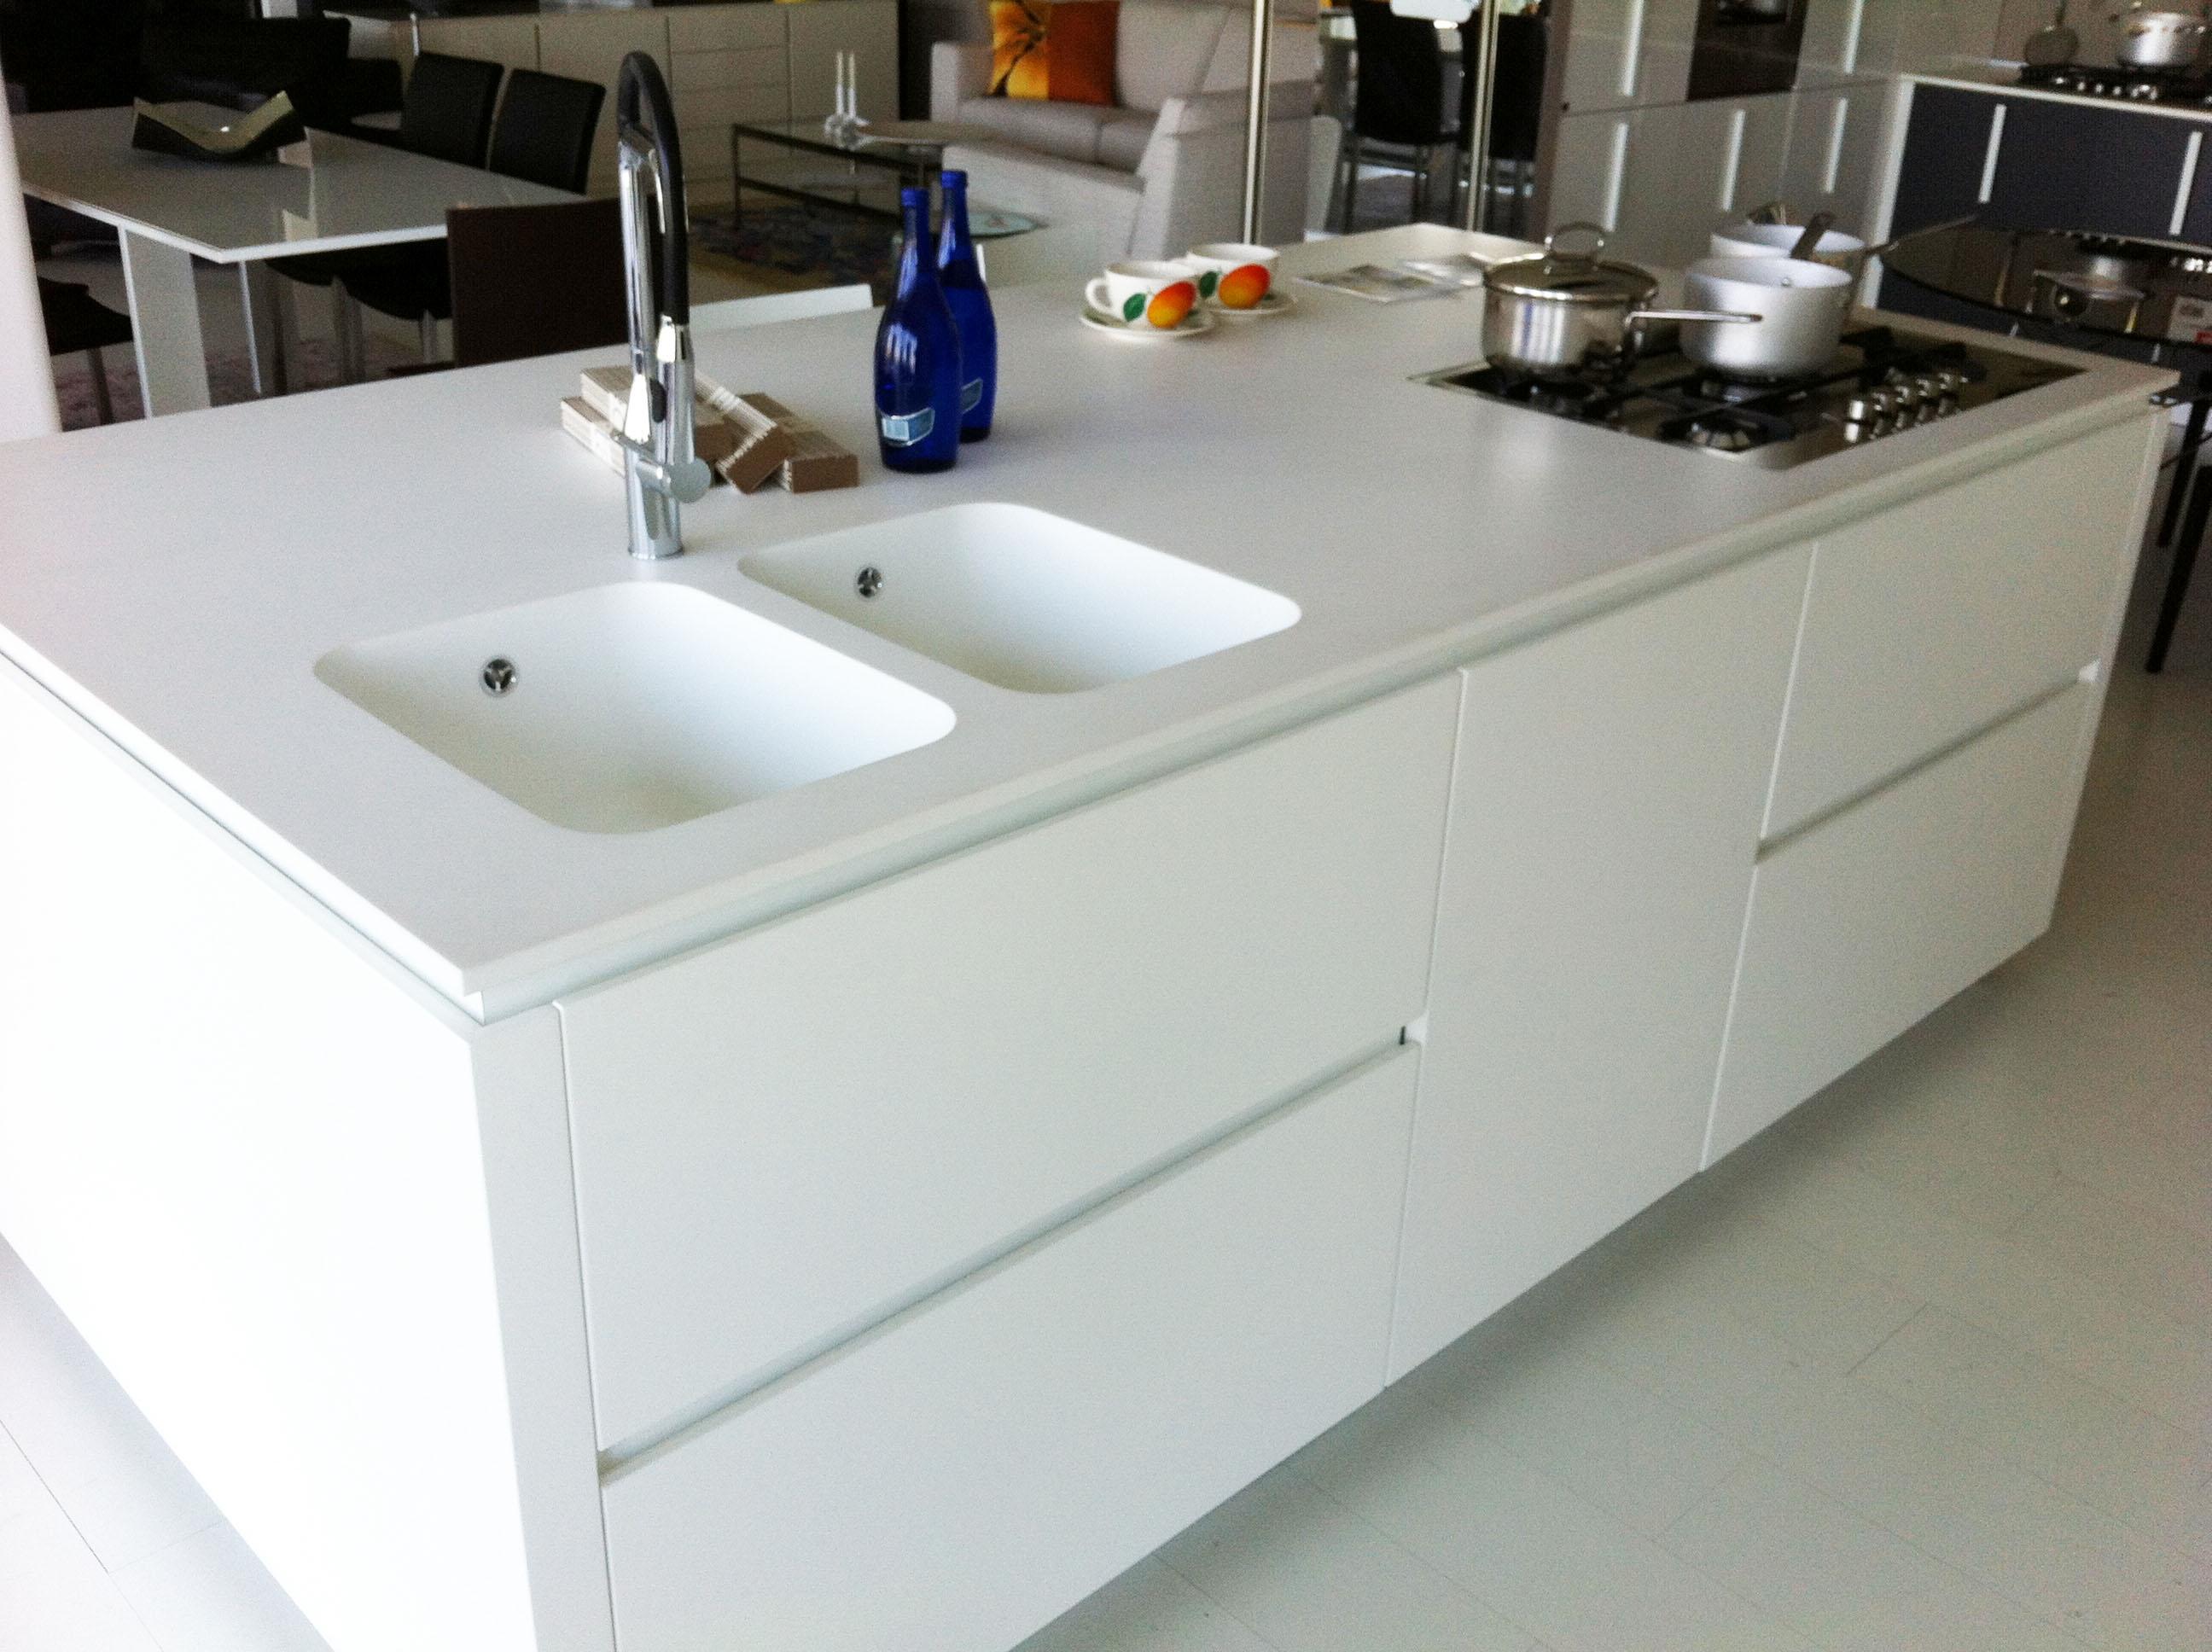 Cucina piccola con isola finest cucine piccole idee for Cucine piccole con isola